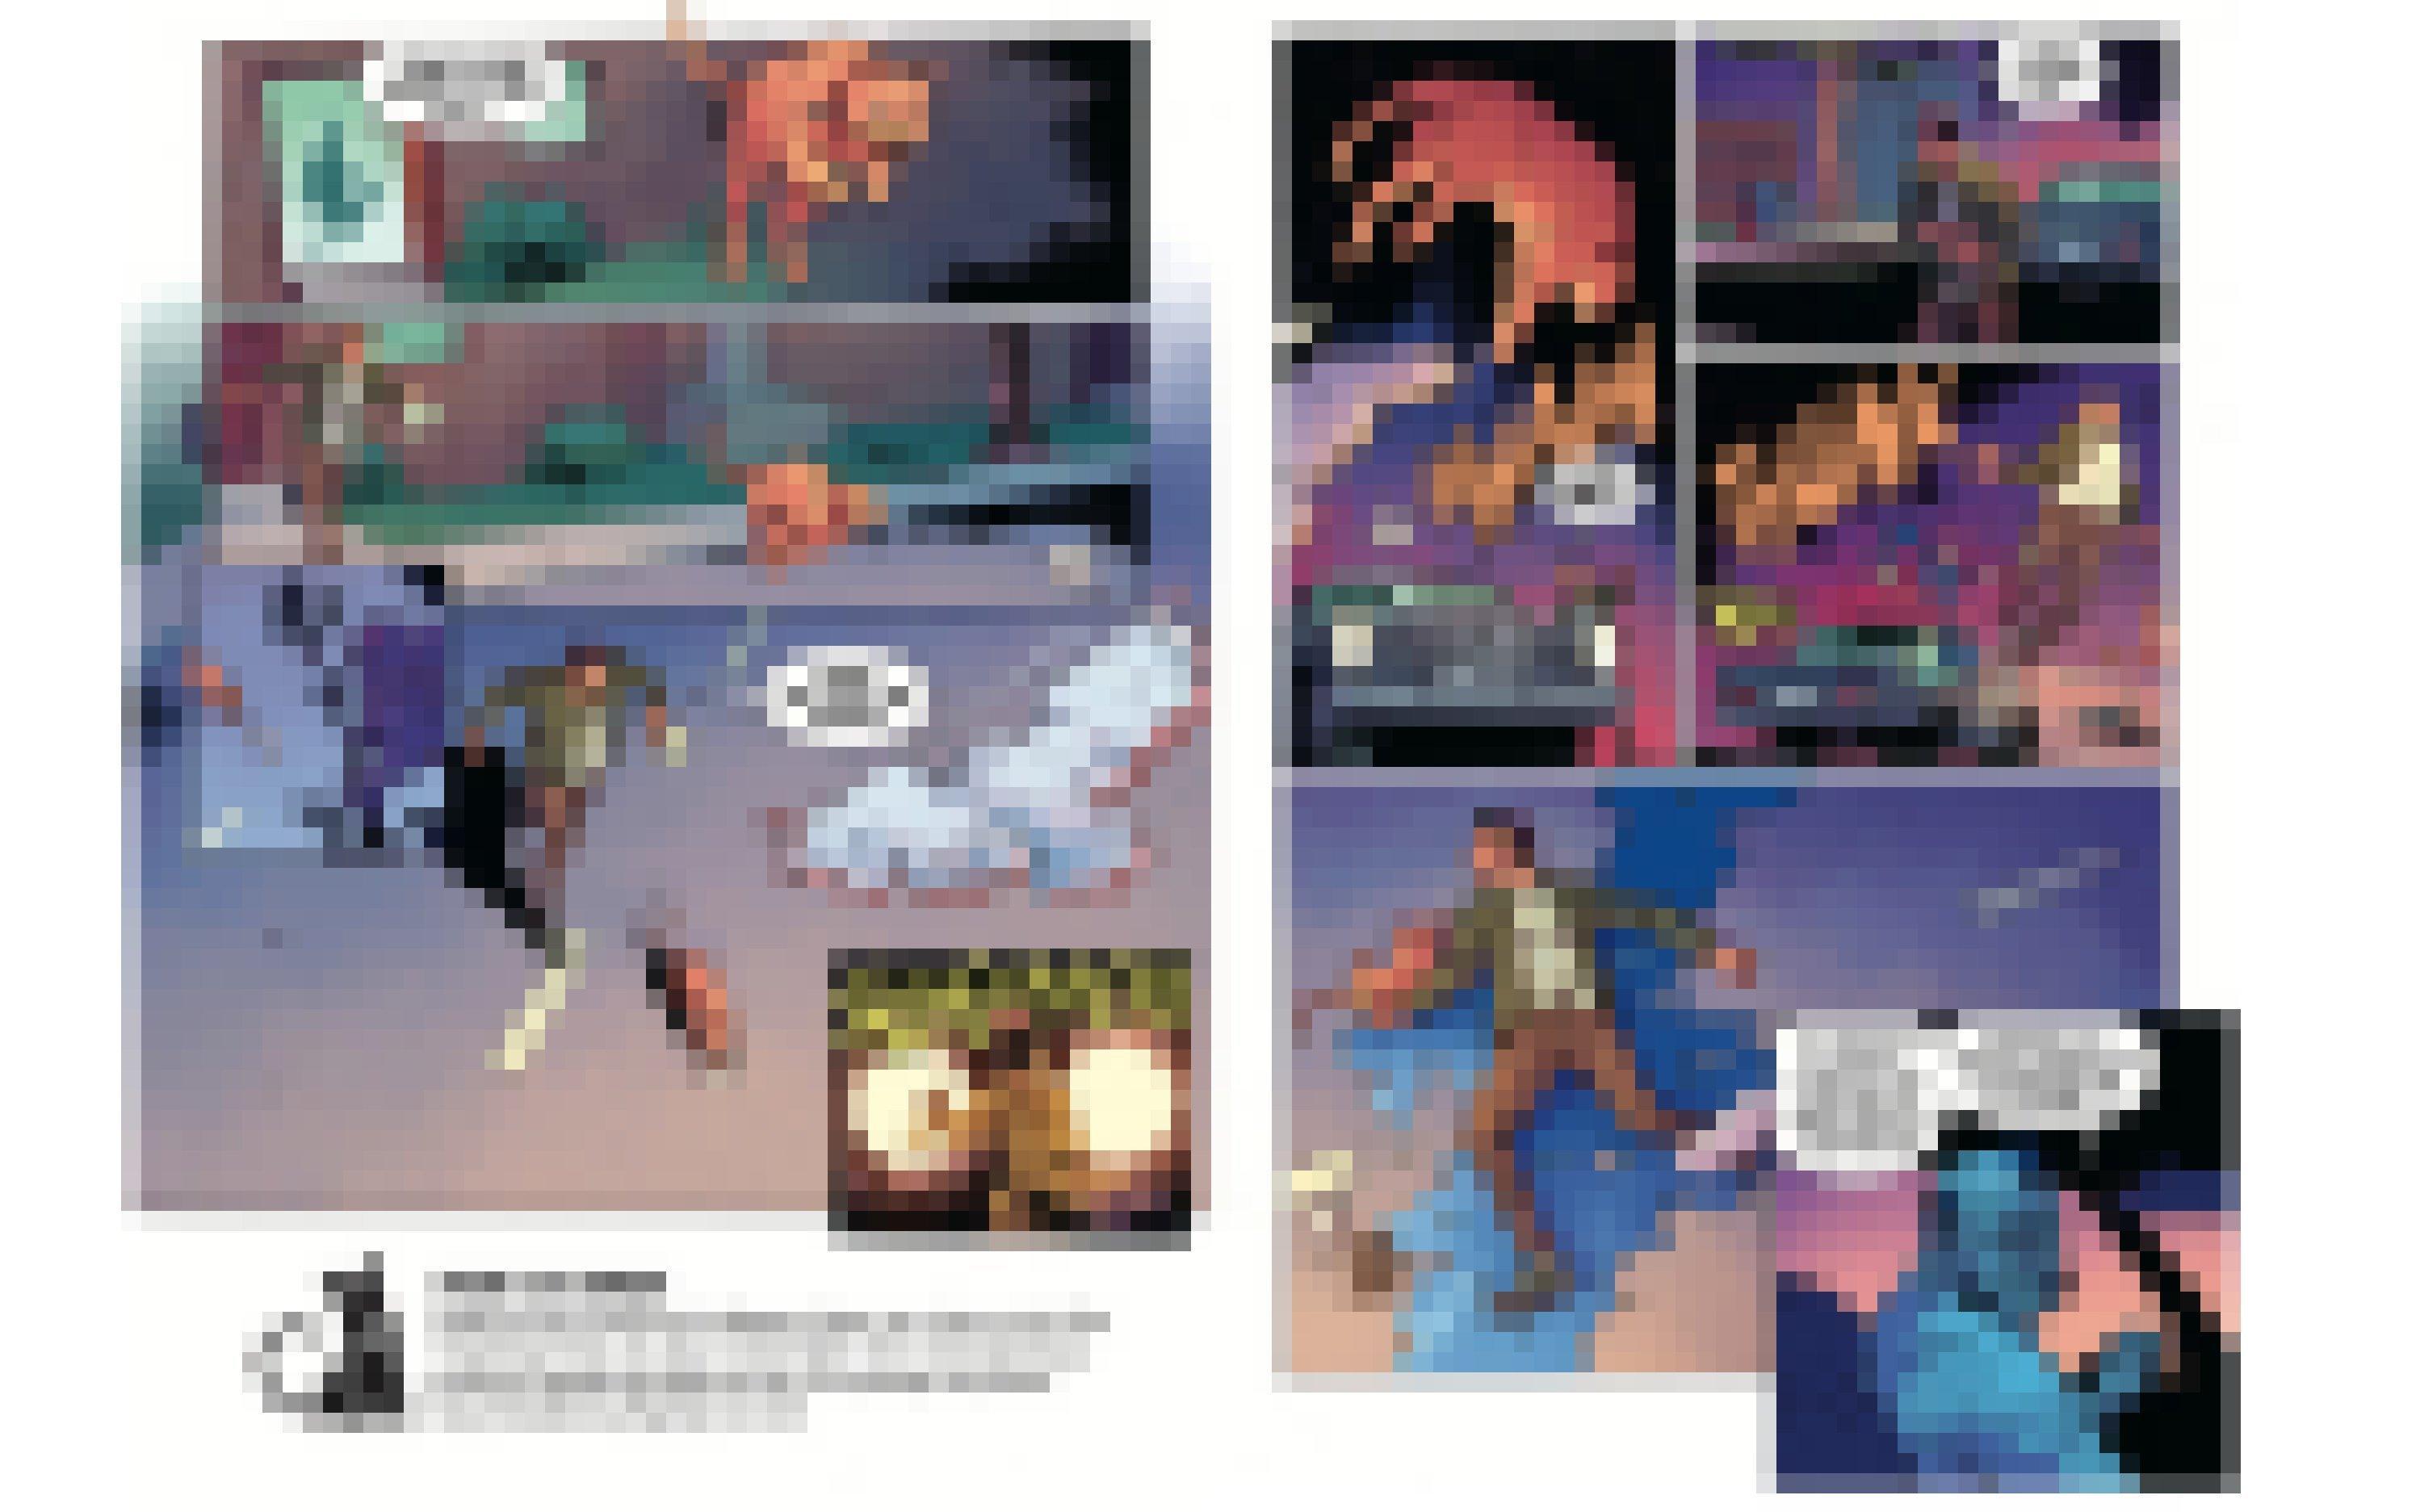 """Auszug aus """"Dark Horse"""", dargestellt sind mehrere Comicbilder"""